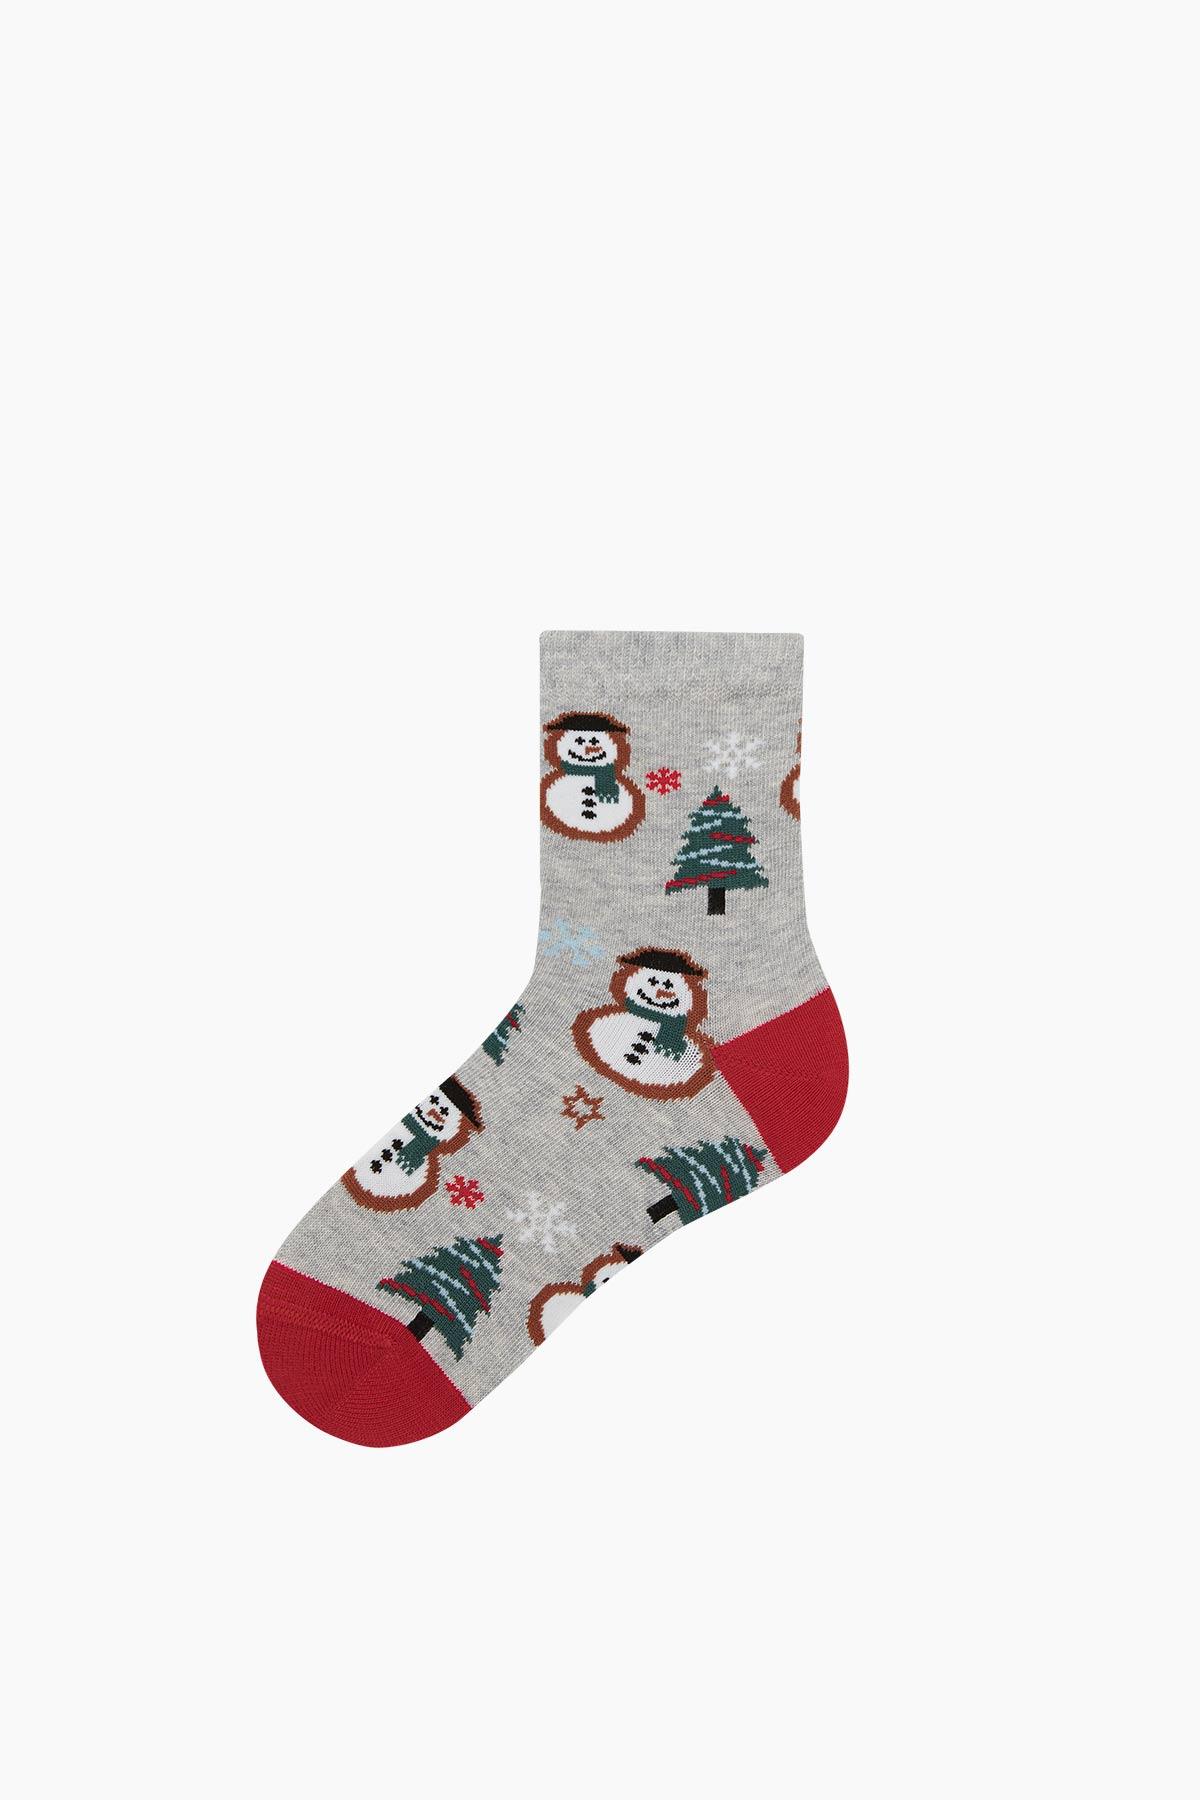 2'li Snow Man Desenli Baba Çocuk Çorabı